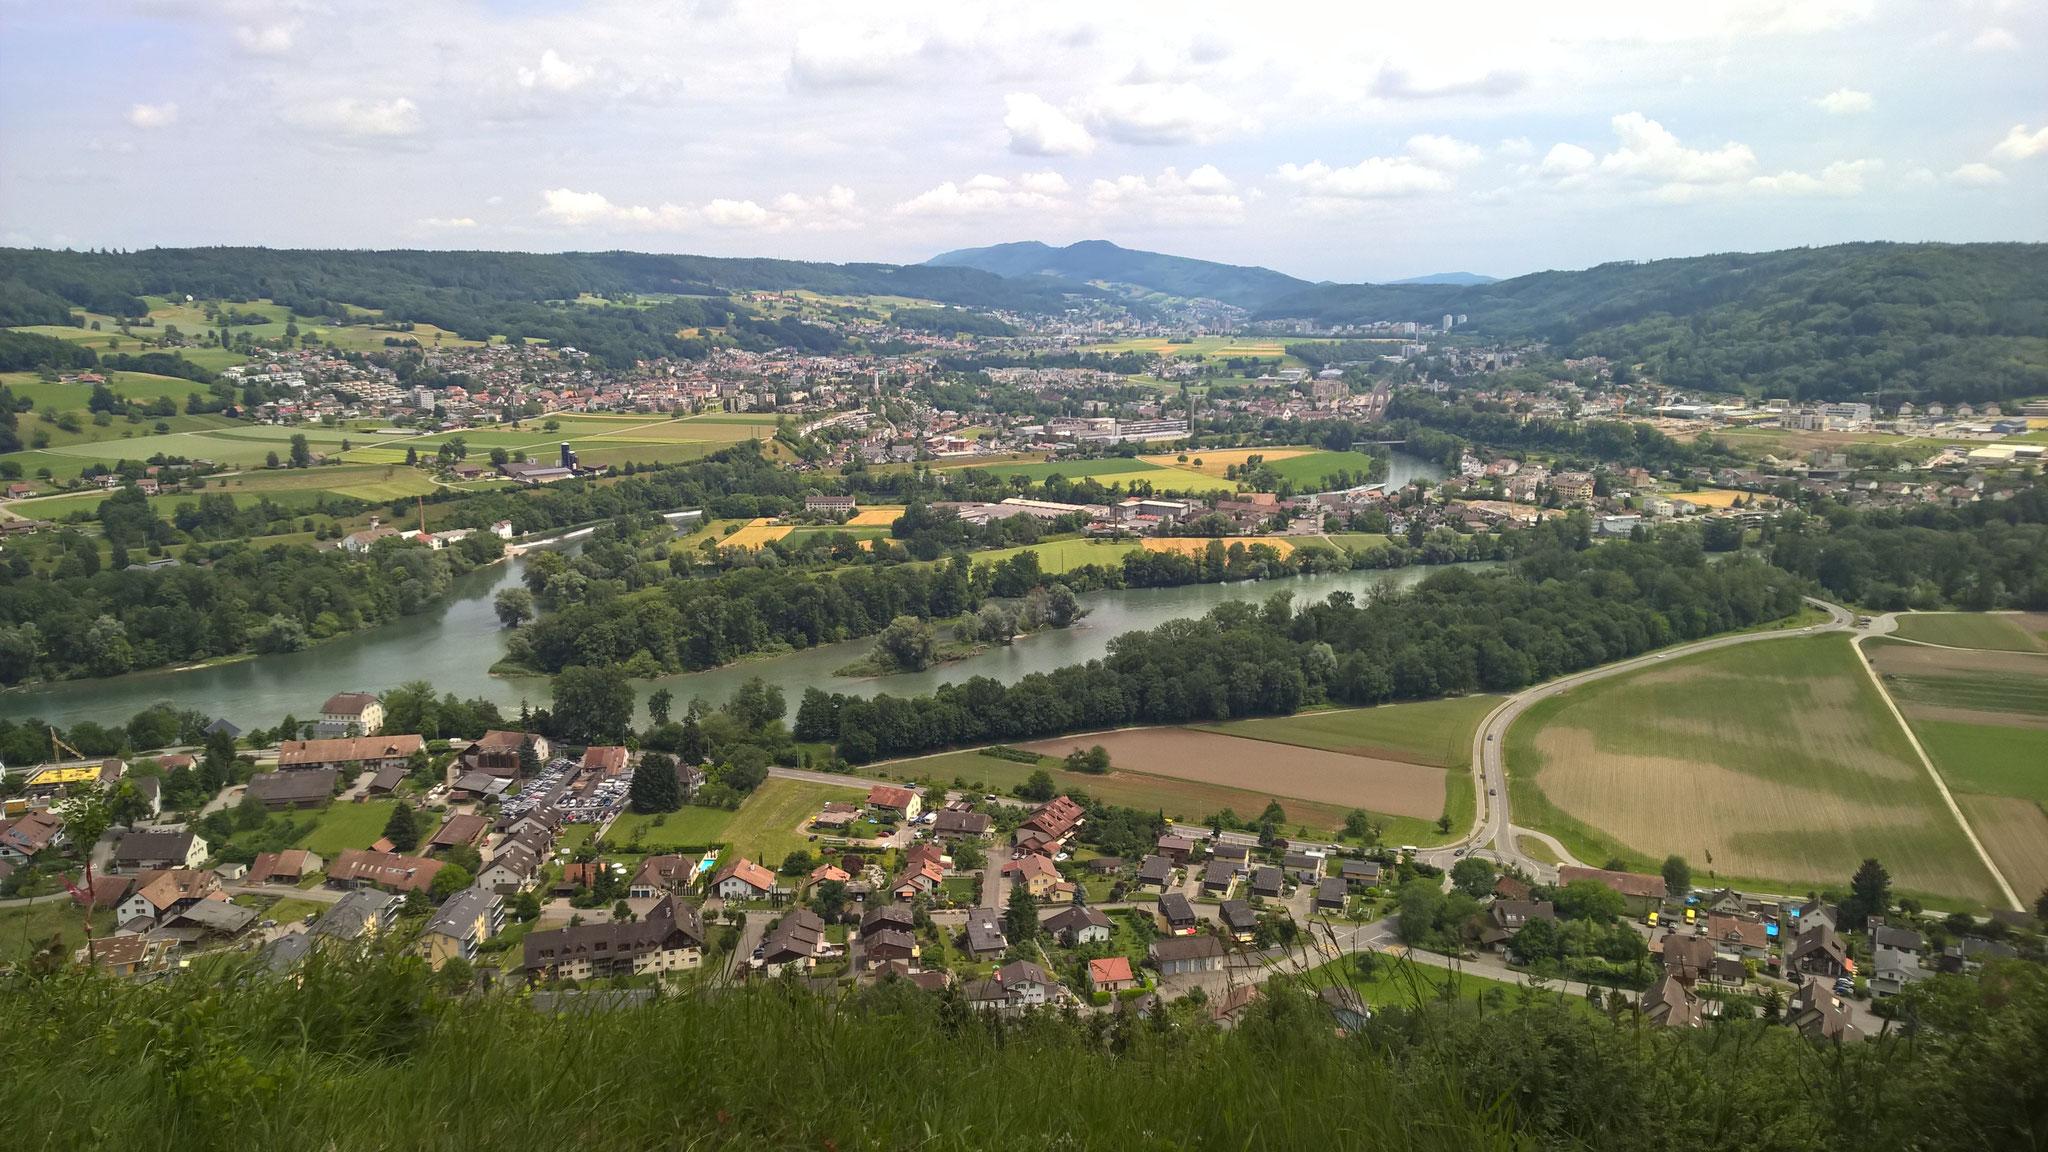 2015 - Sicht auf Lauffohr vom Wassserschlossblick auf dem Brugger Berg (Quelle: Privatfoto)